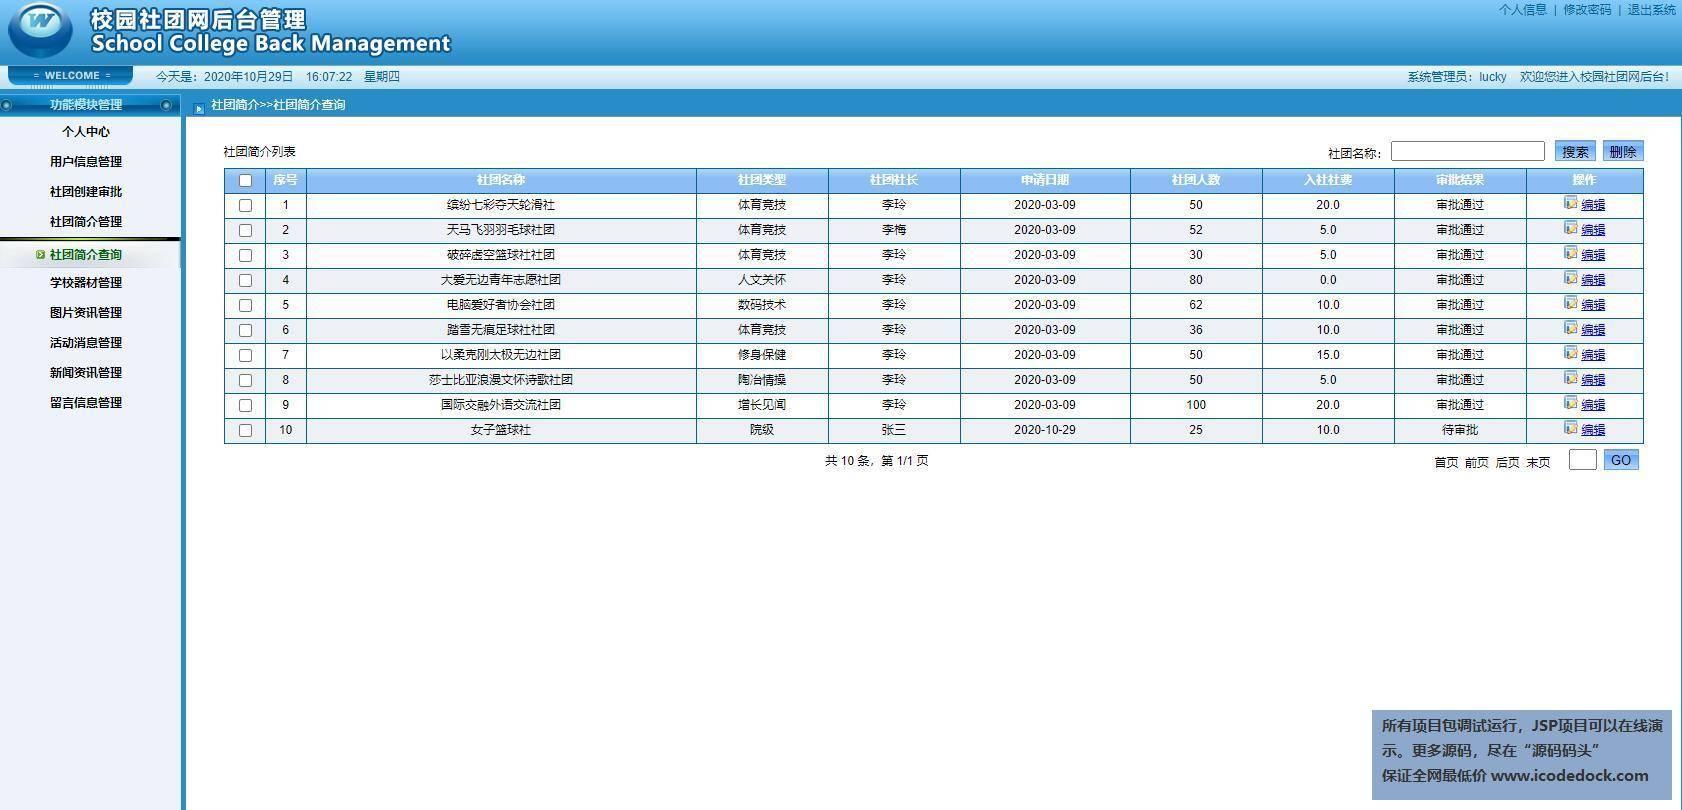 源码码头-JSP高校社团信息管理平台网站-管理员角色-社团简介管理